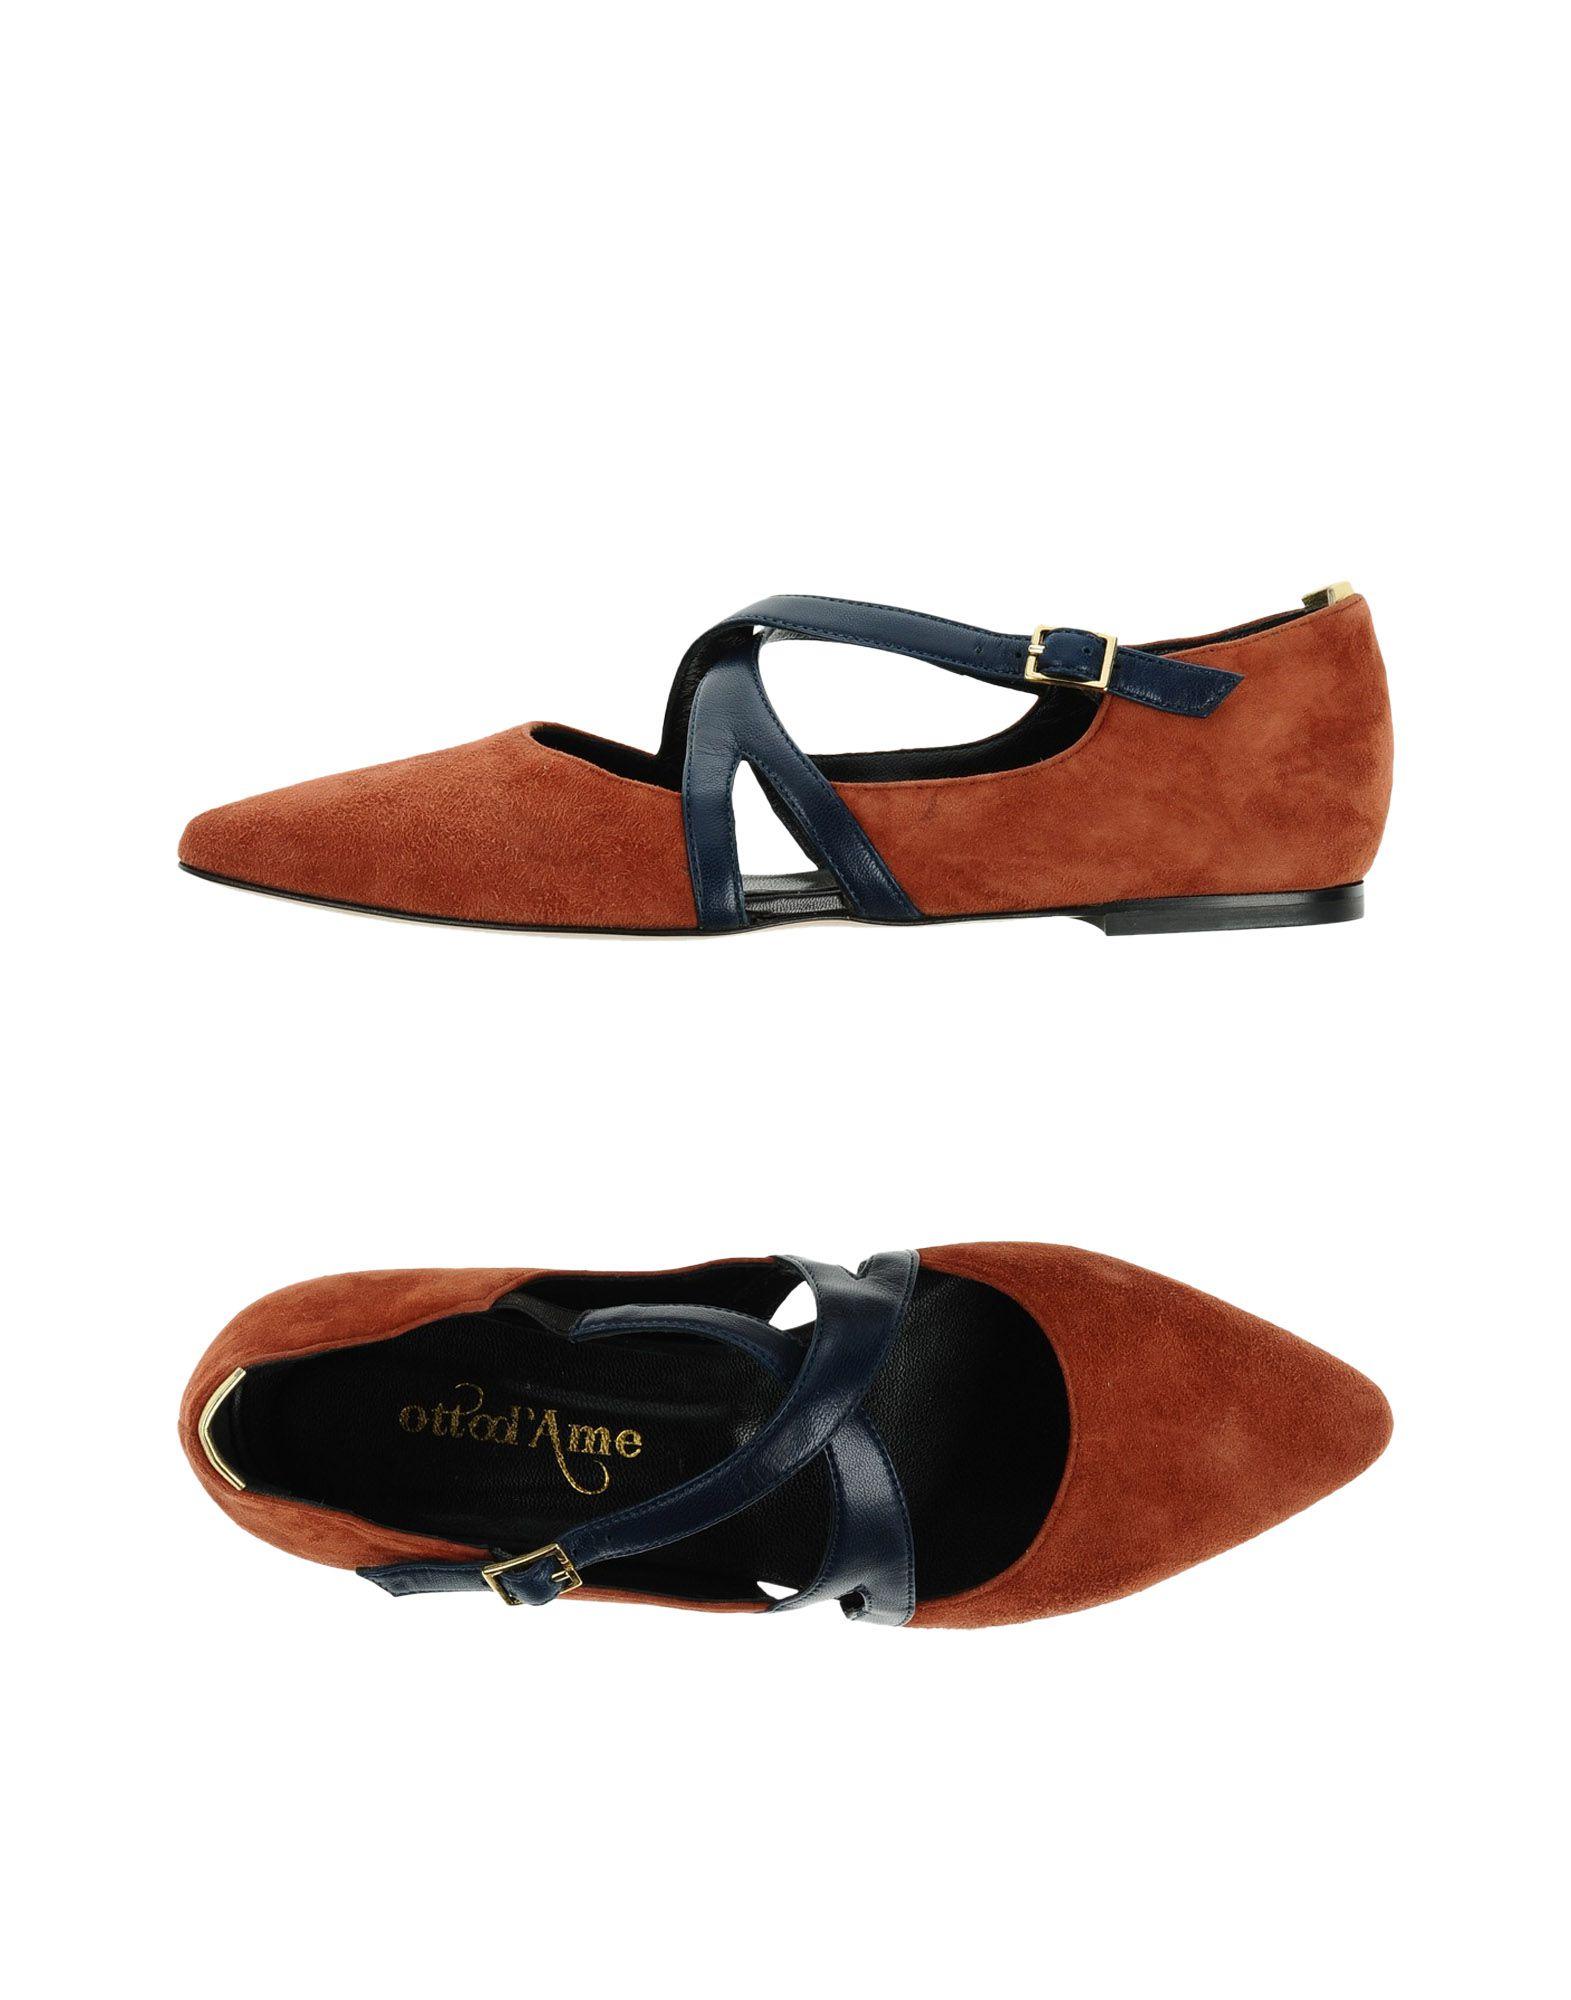 Ottod'ame Ballerinas Damen  11336689UB Gute Qualität beliebte Schuhe